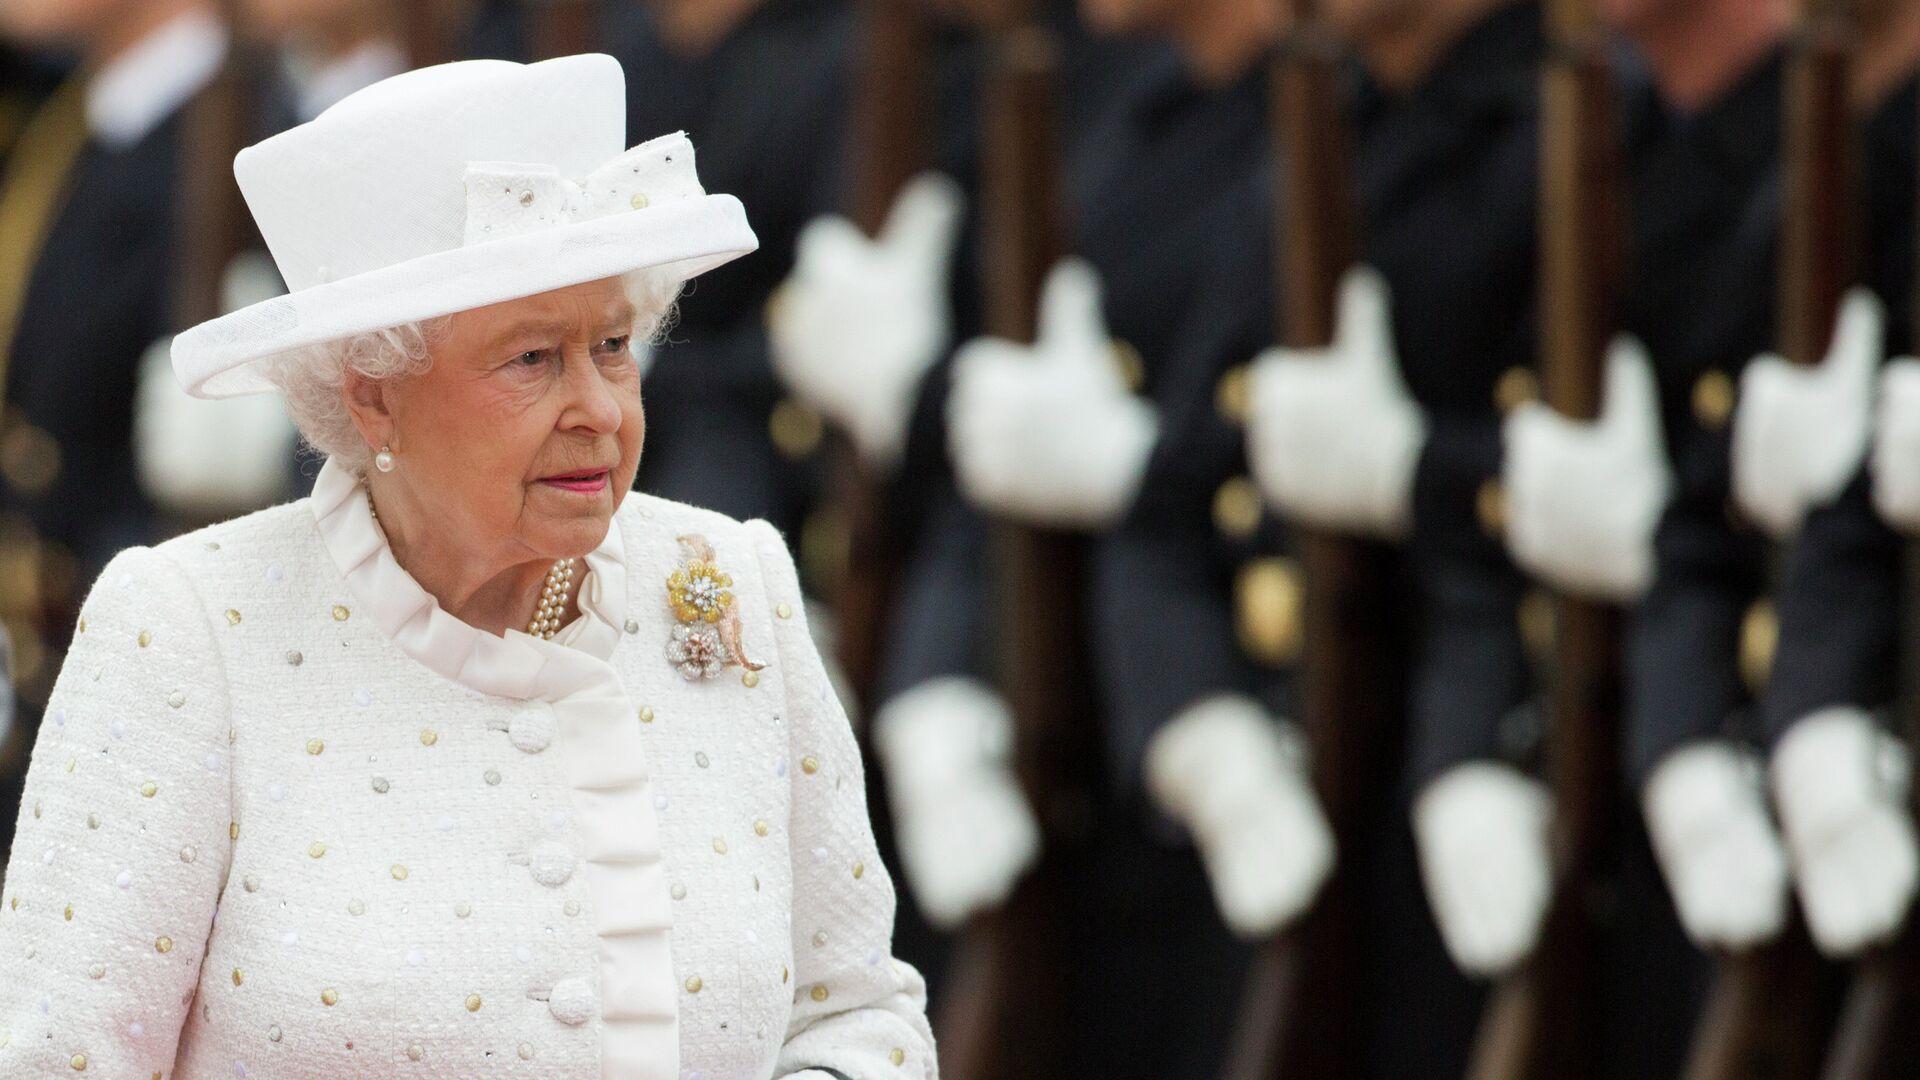 Королева Великобритании Елизавета II во время официального визита в Германию - РИА Новости, 1920, 06.02.2021